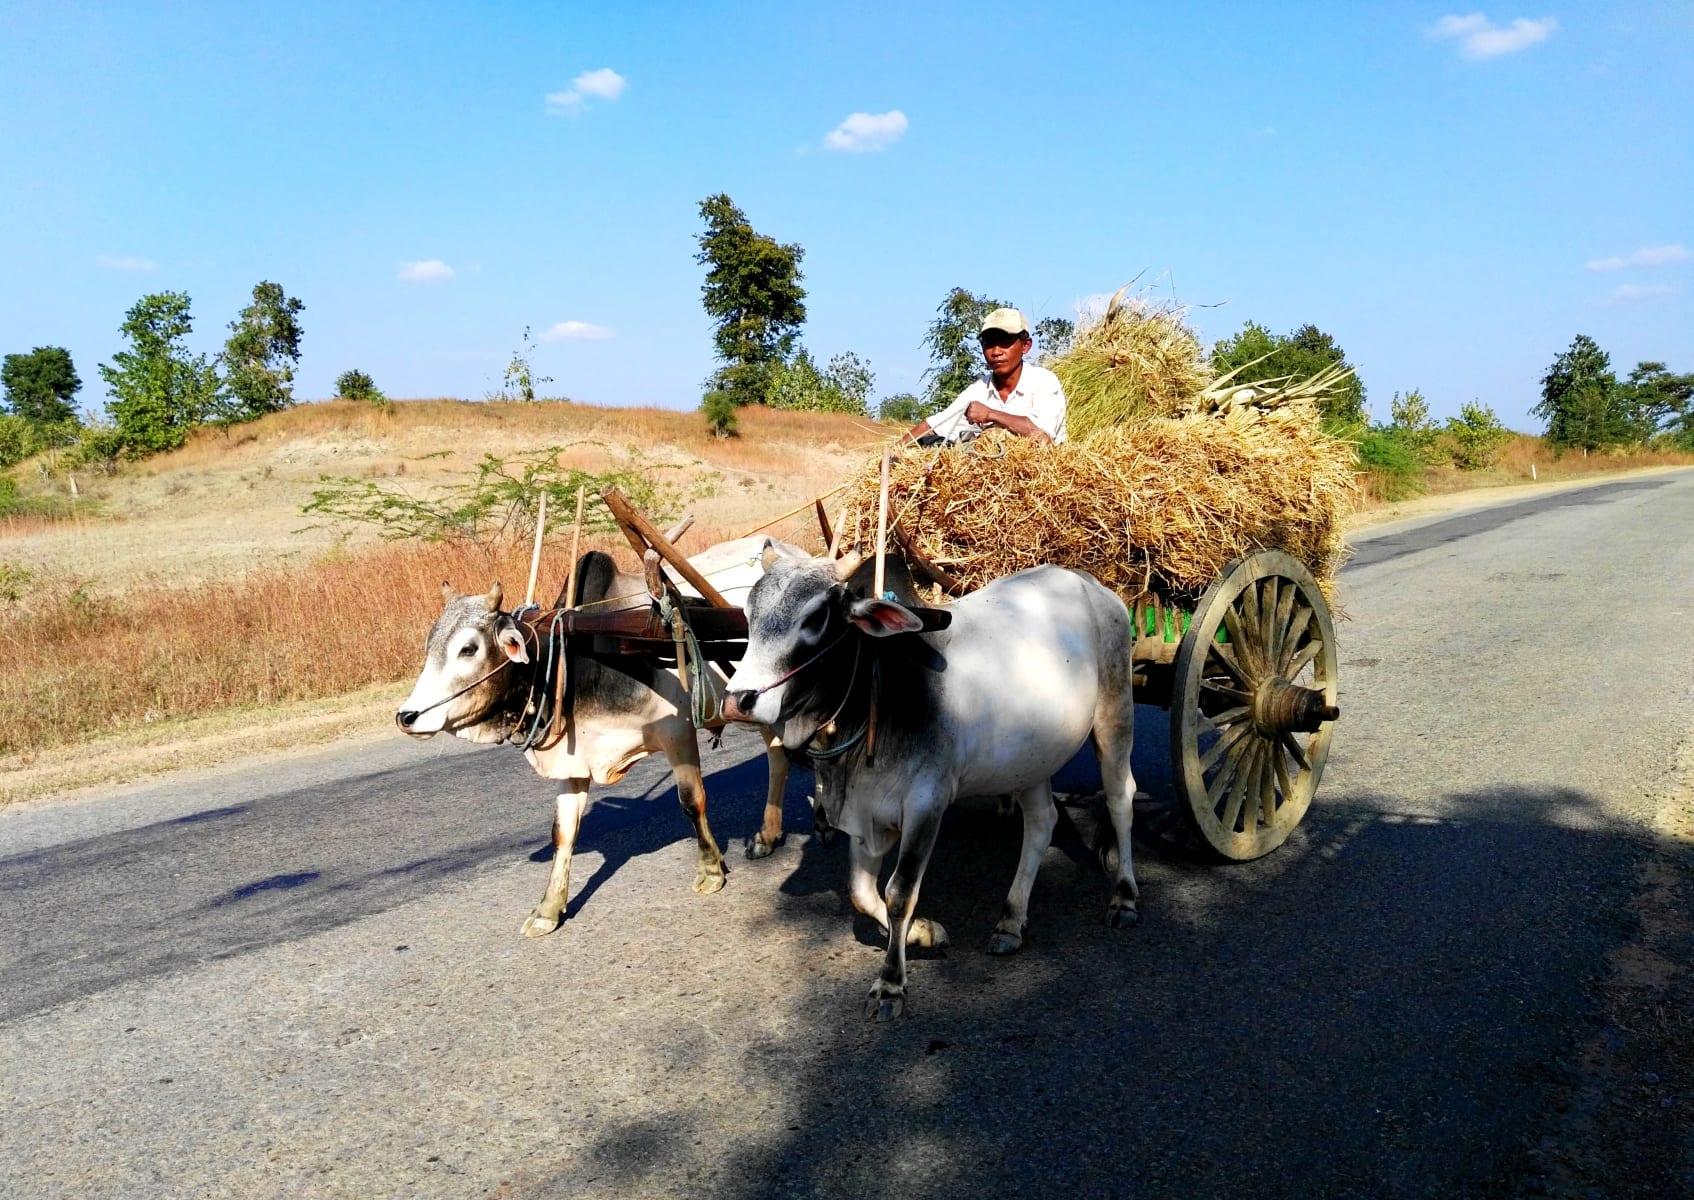 Tradiční a nelehký život v Myanmaru